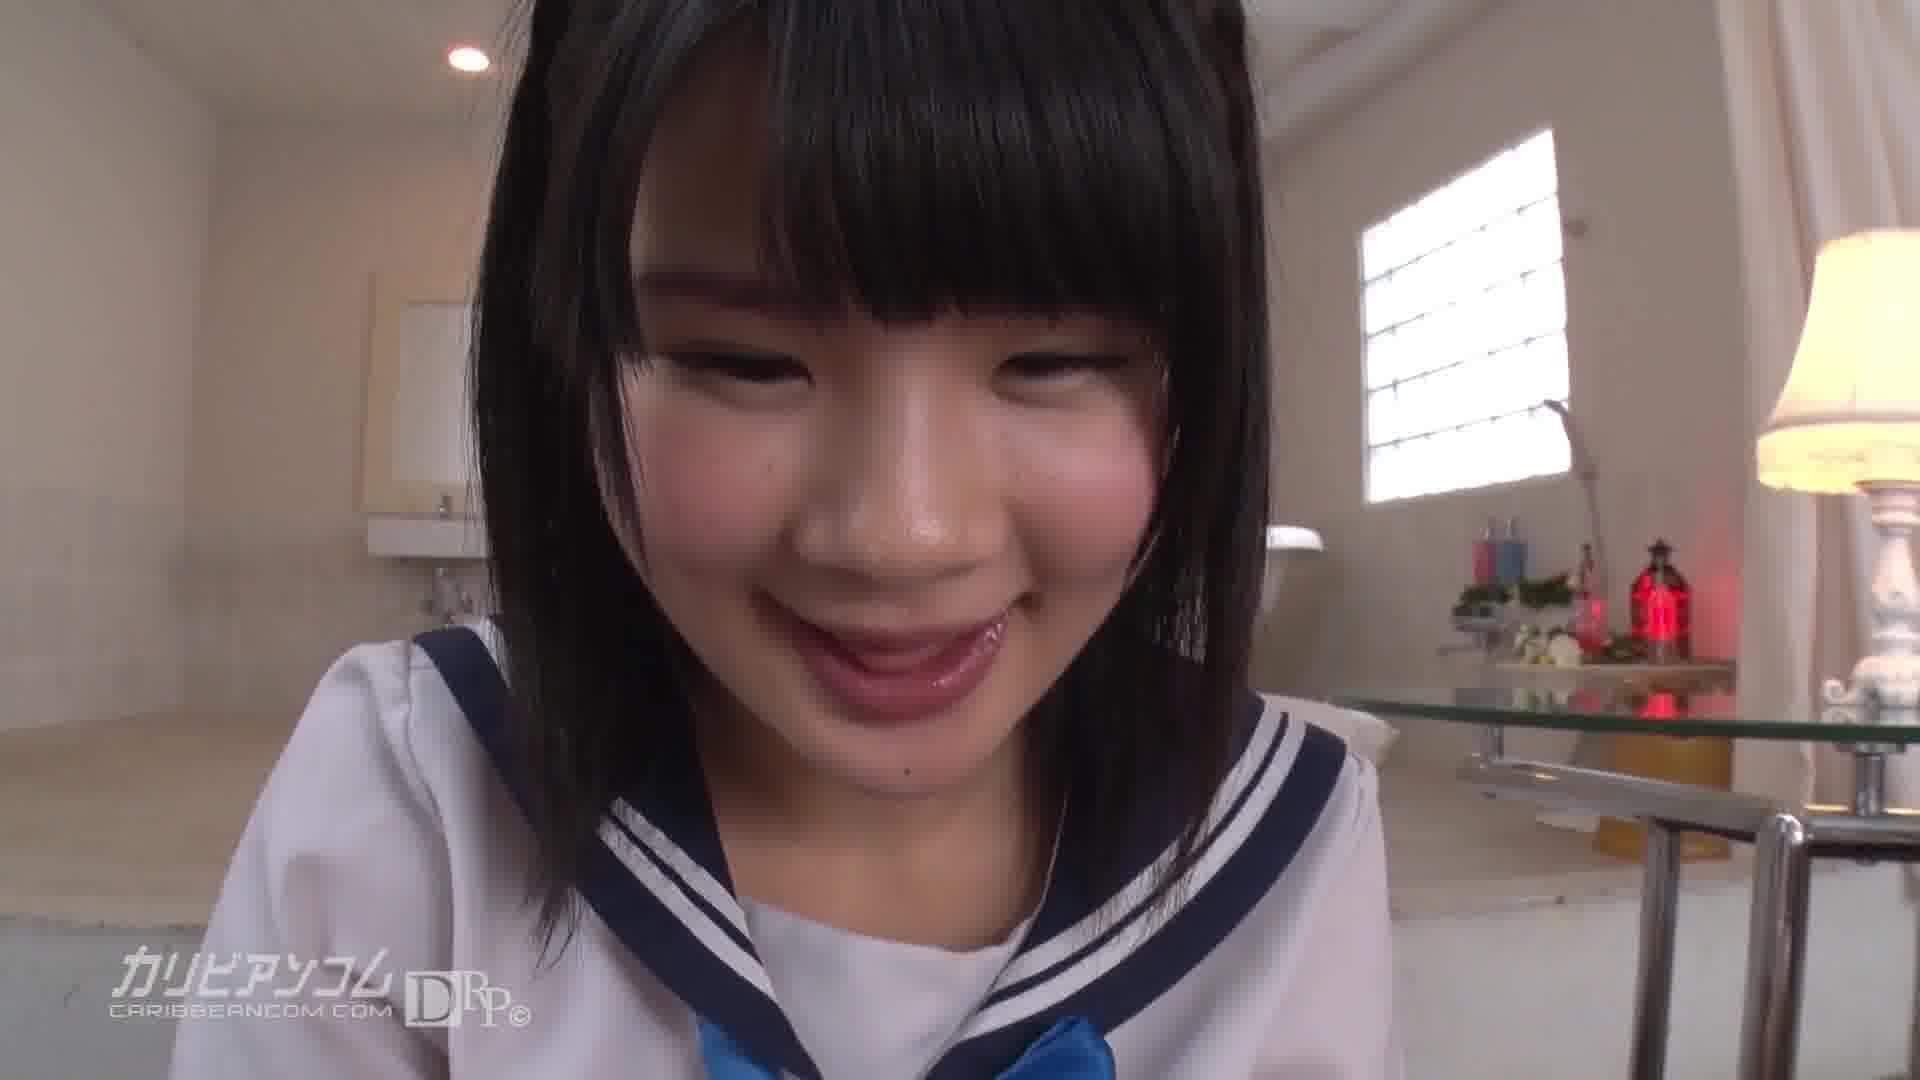 ロリコン専用ソープらんど2 - 大家あみ【コスプレ・風俗・制服】